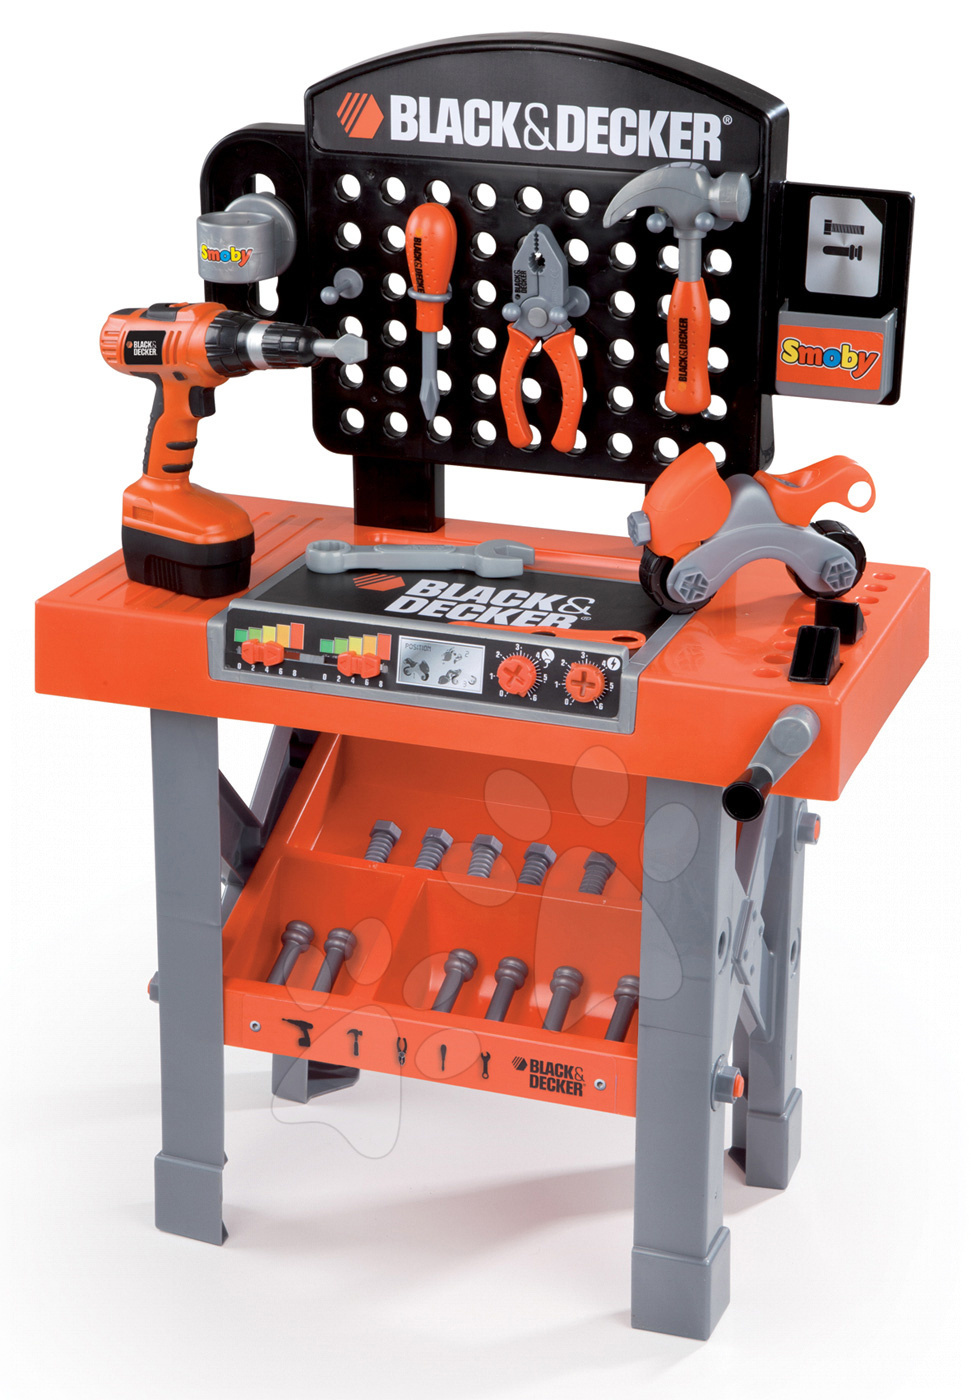 Smoby pracovná dielňa Black&Decker s mechanickou vŕtačkou 500205 červeno-čierna